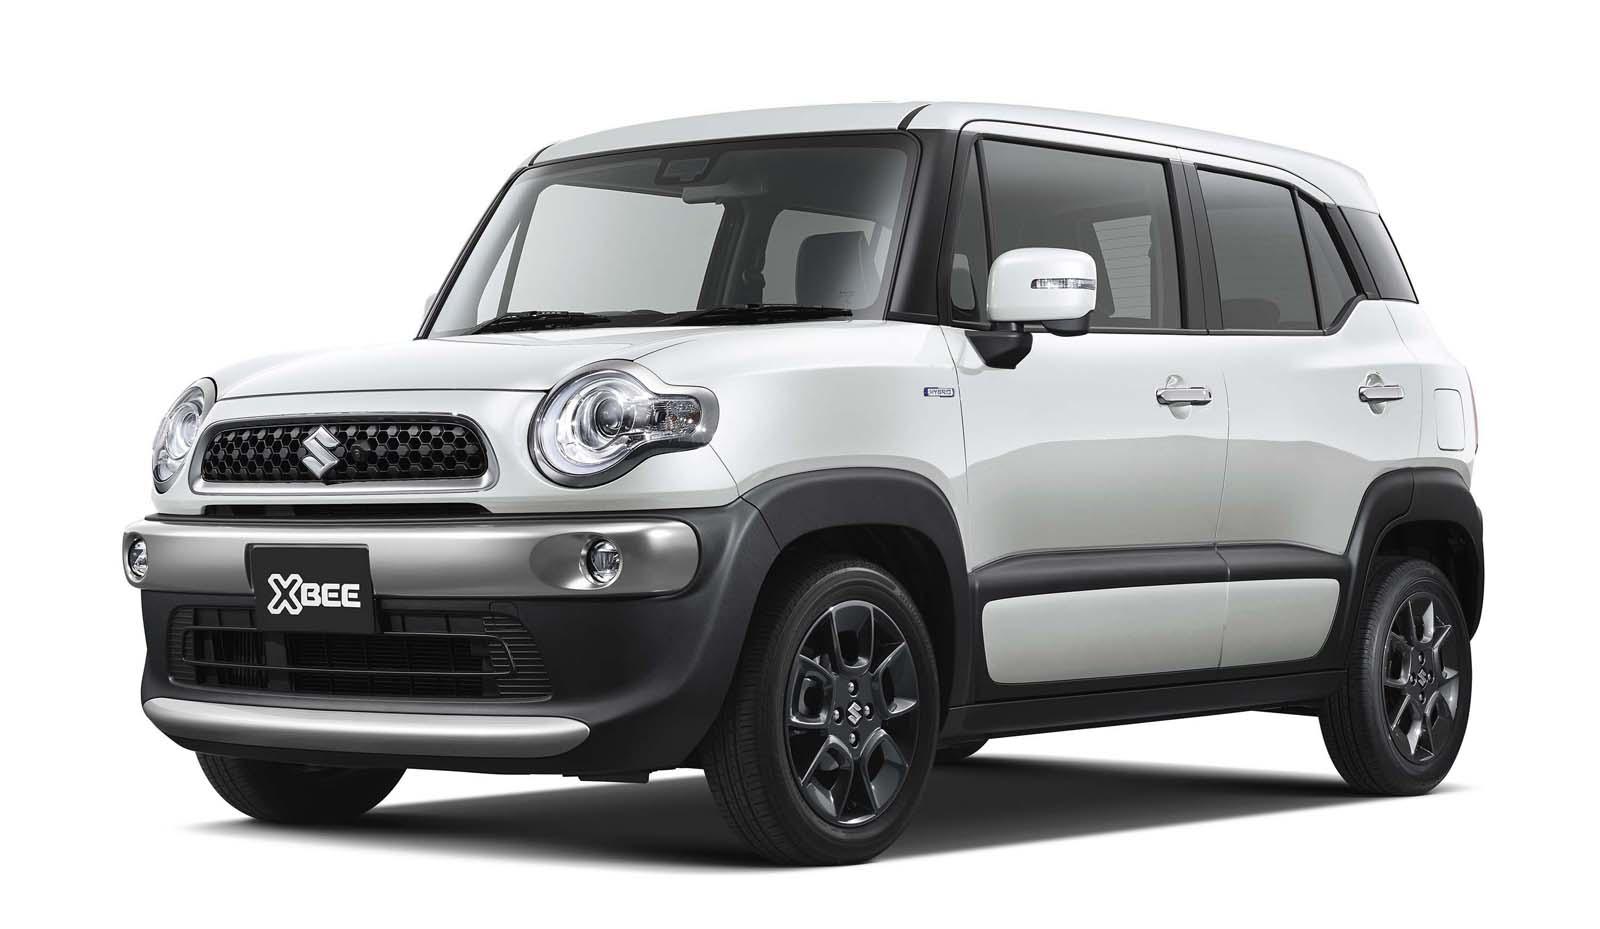 Suzuki Xbee 2018 (11)